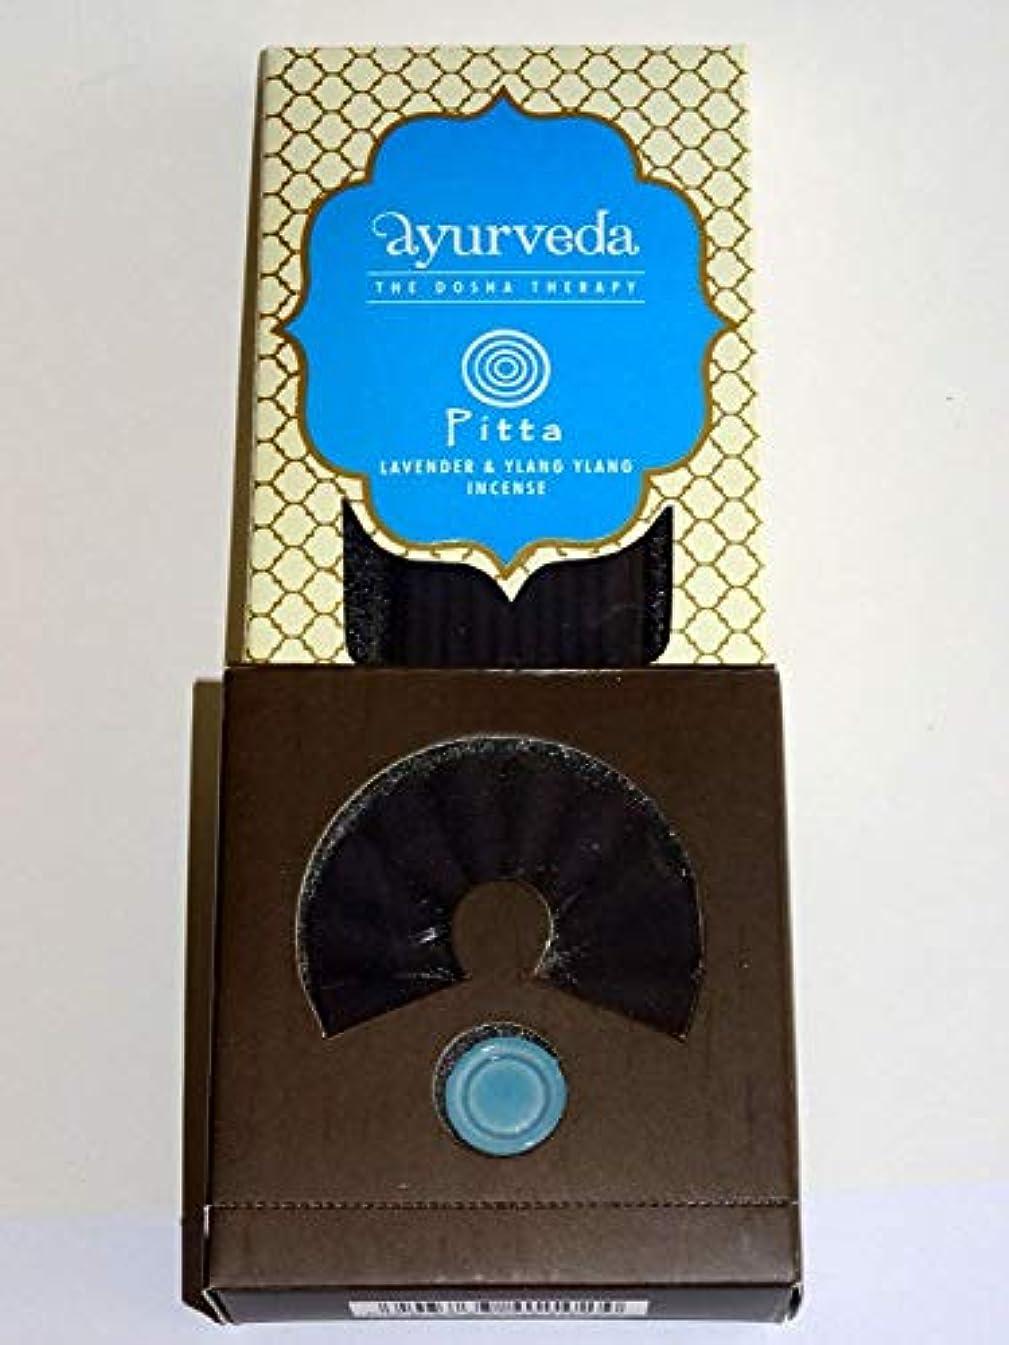 追加する結晶カビSong of India Lavender & Ylang Ylang Ayurveda: Dosha Theraphy - Incense Sticks, Cones & Holder Gift